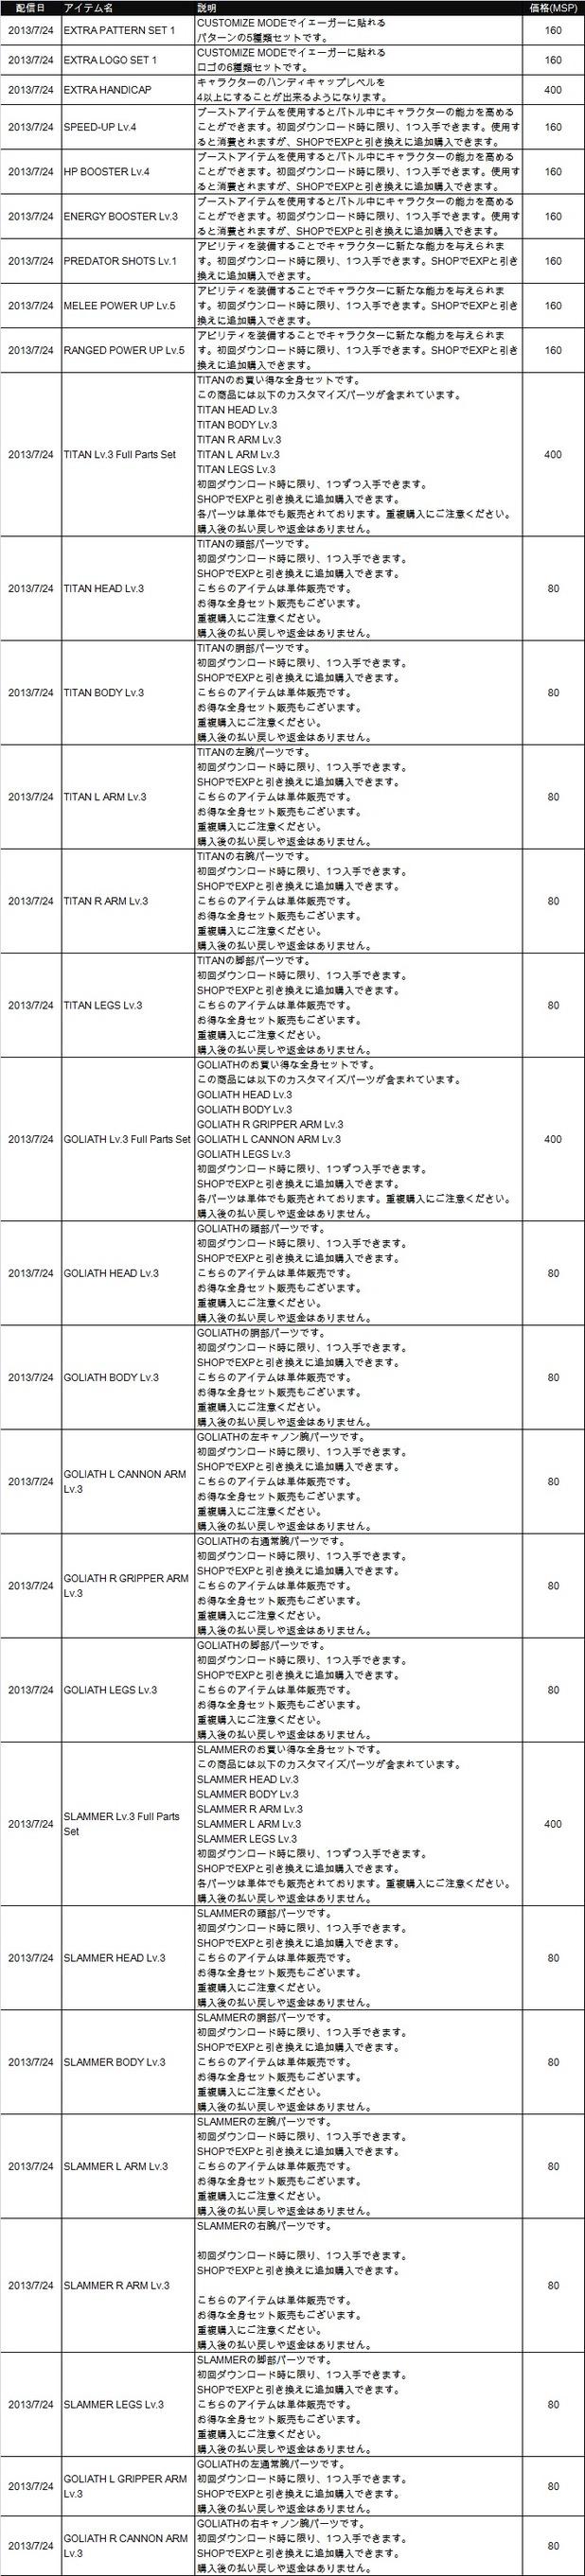 PRIM_DLC_0724